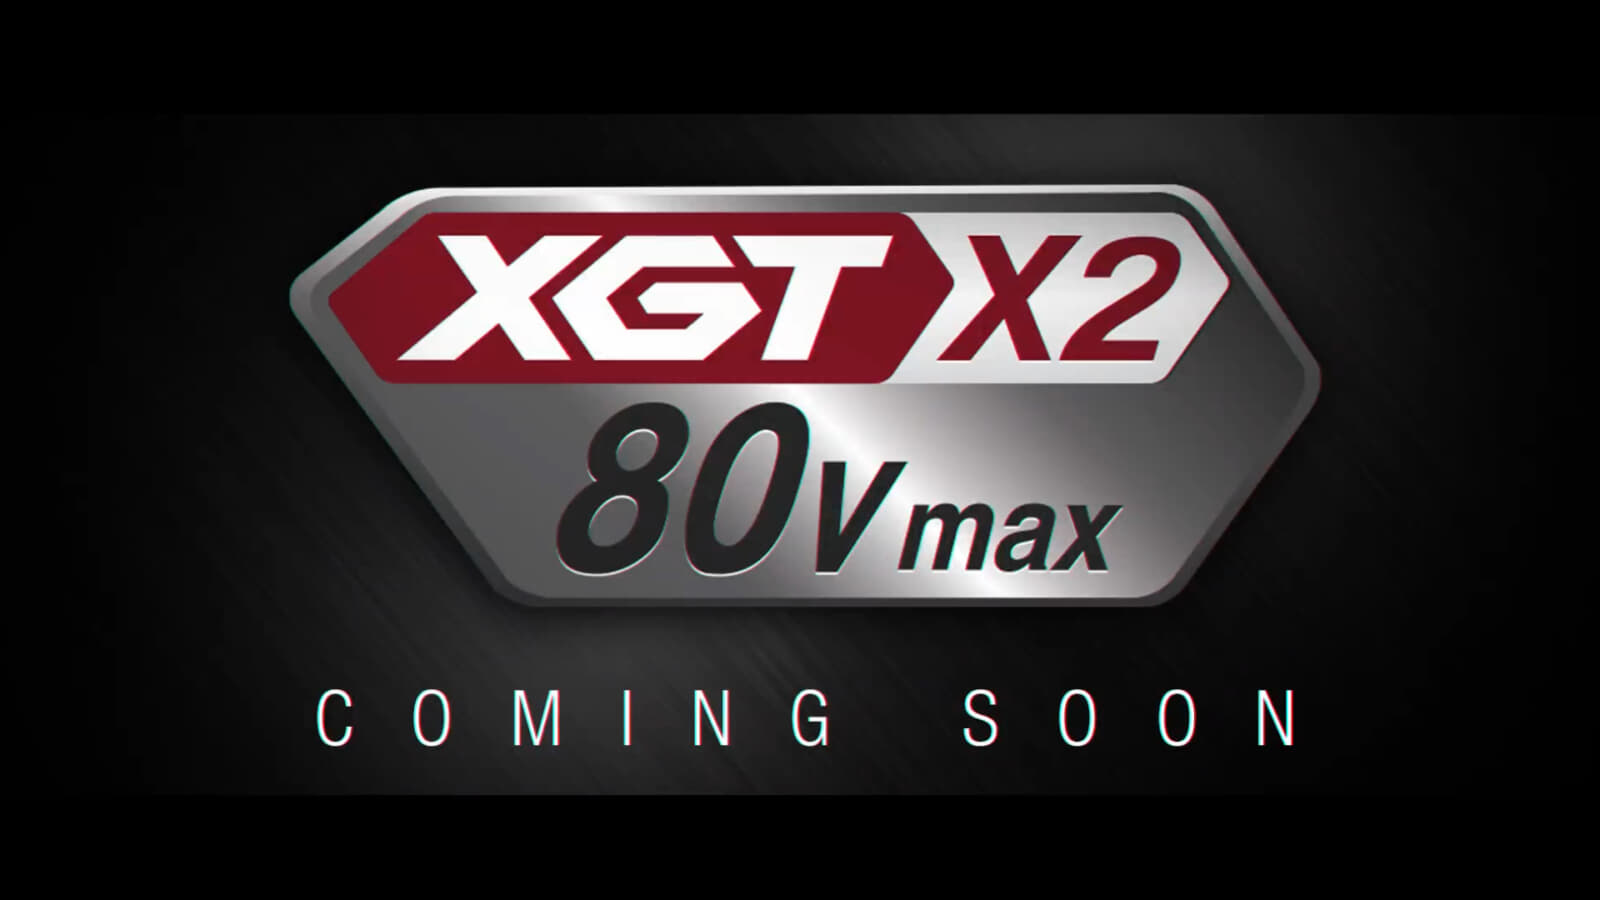 マキタ 80Vmax(XGTx2)シリーズが始動